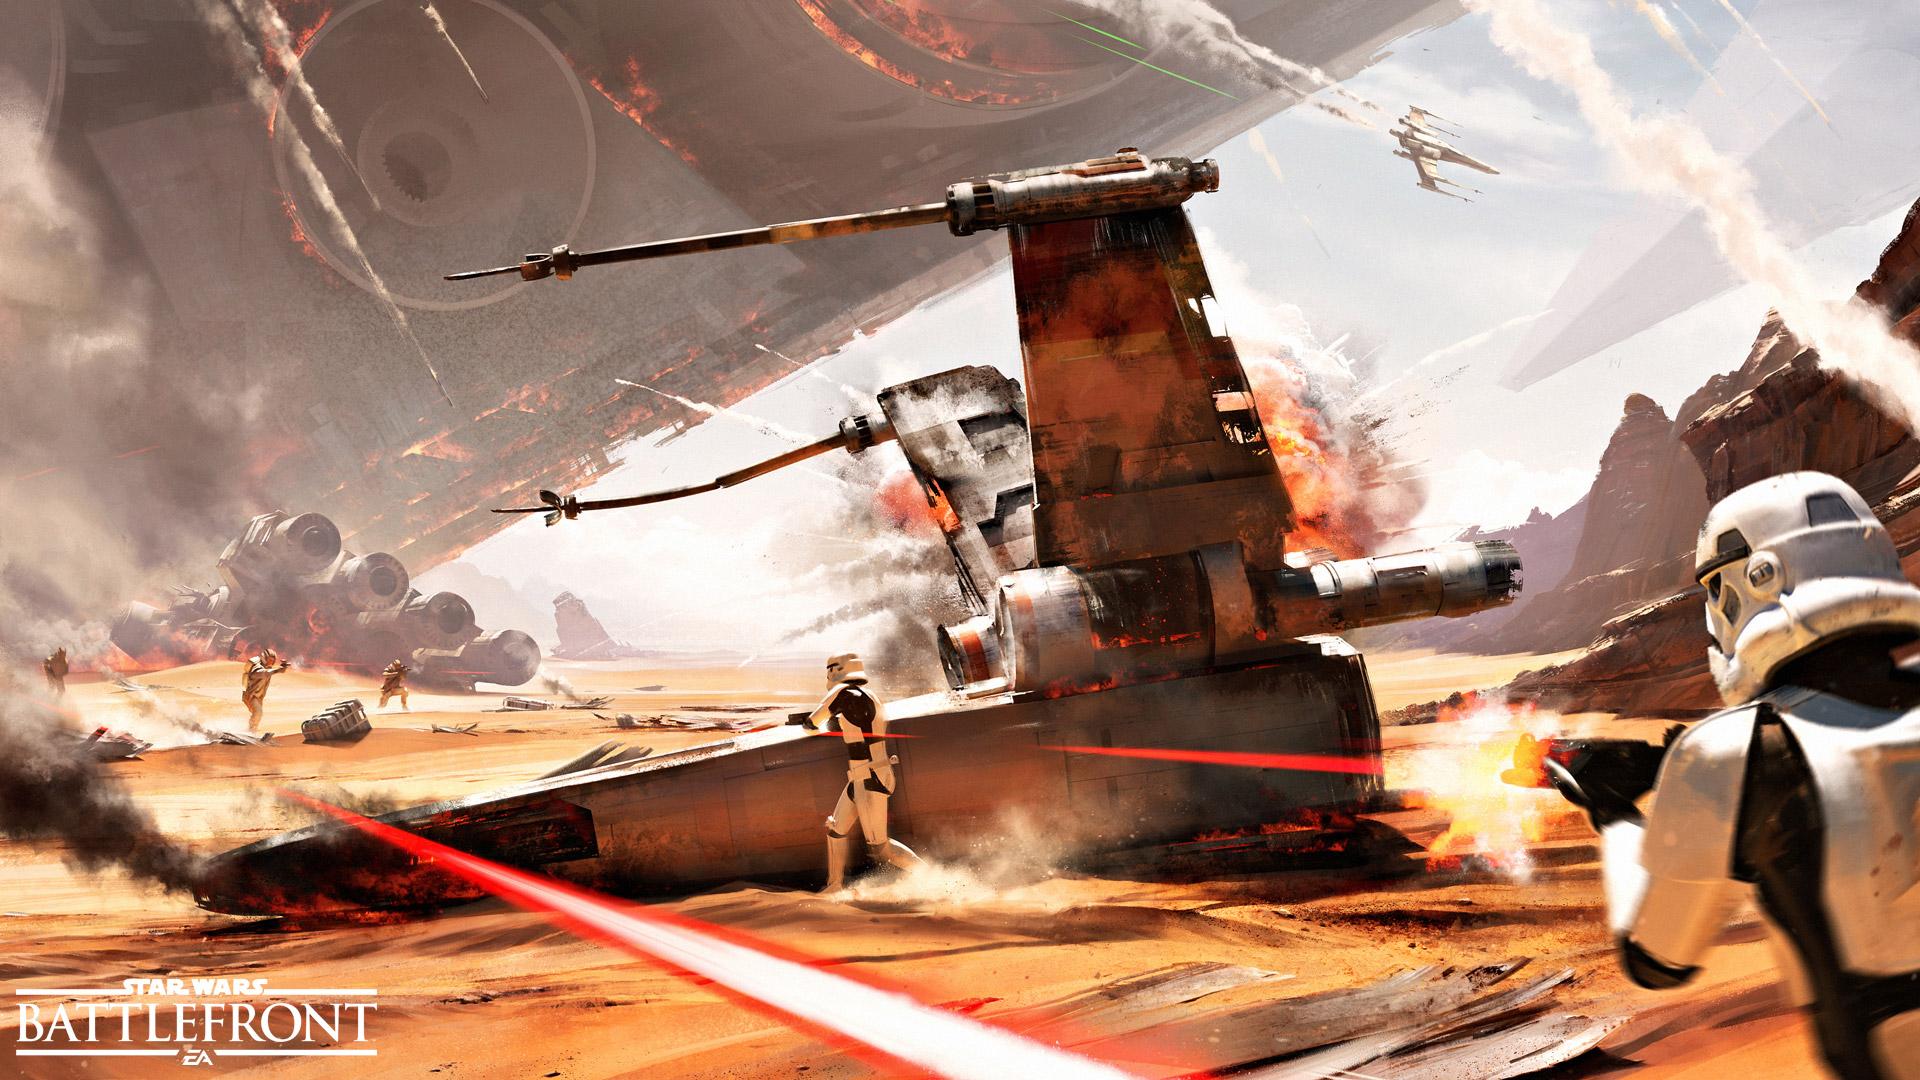 Битва джакку Звездные войны Battlefront. обои скачать